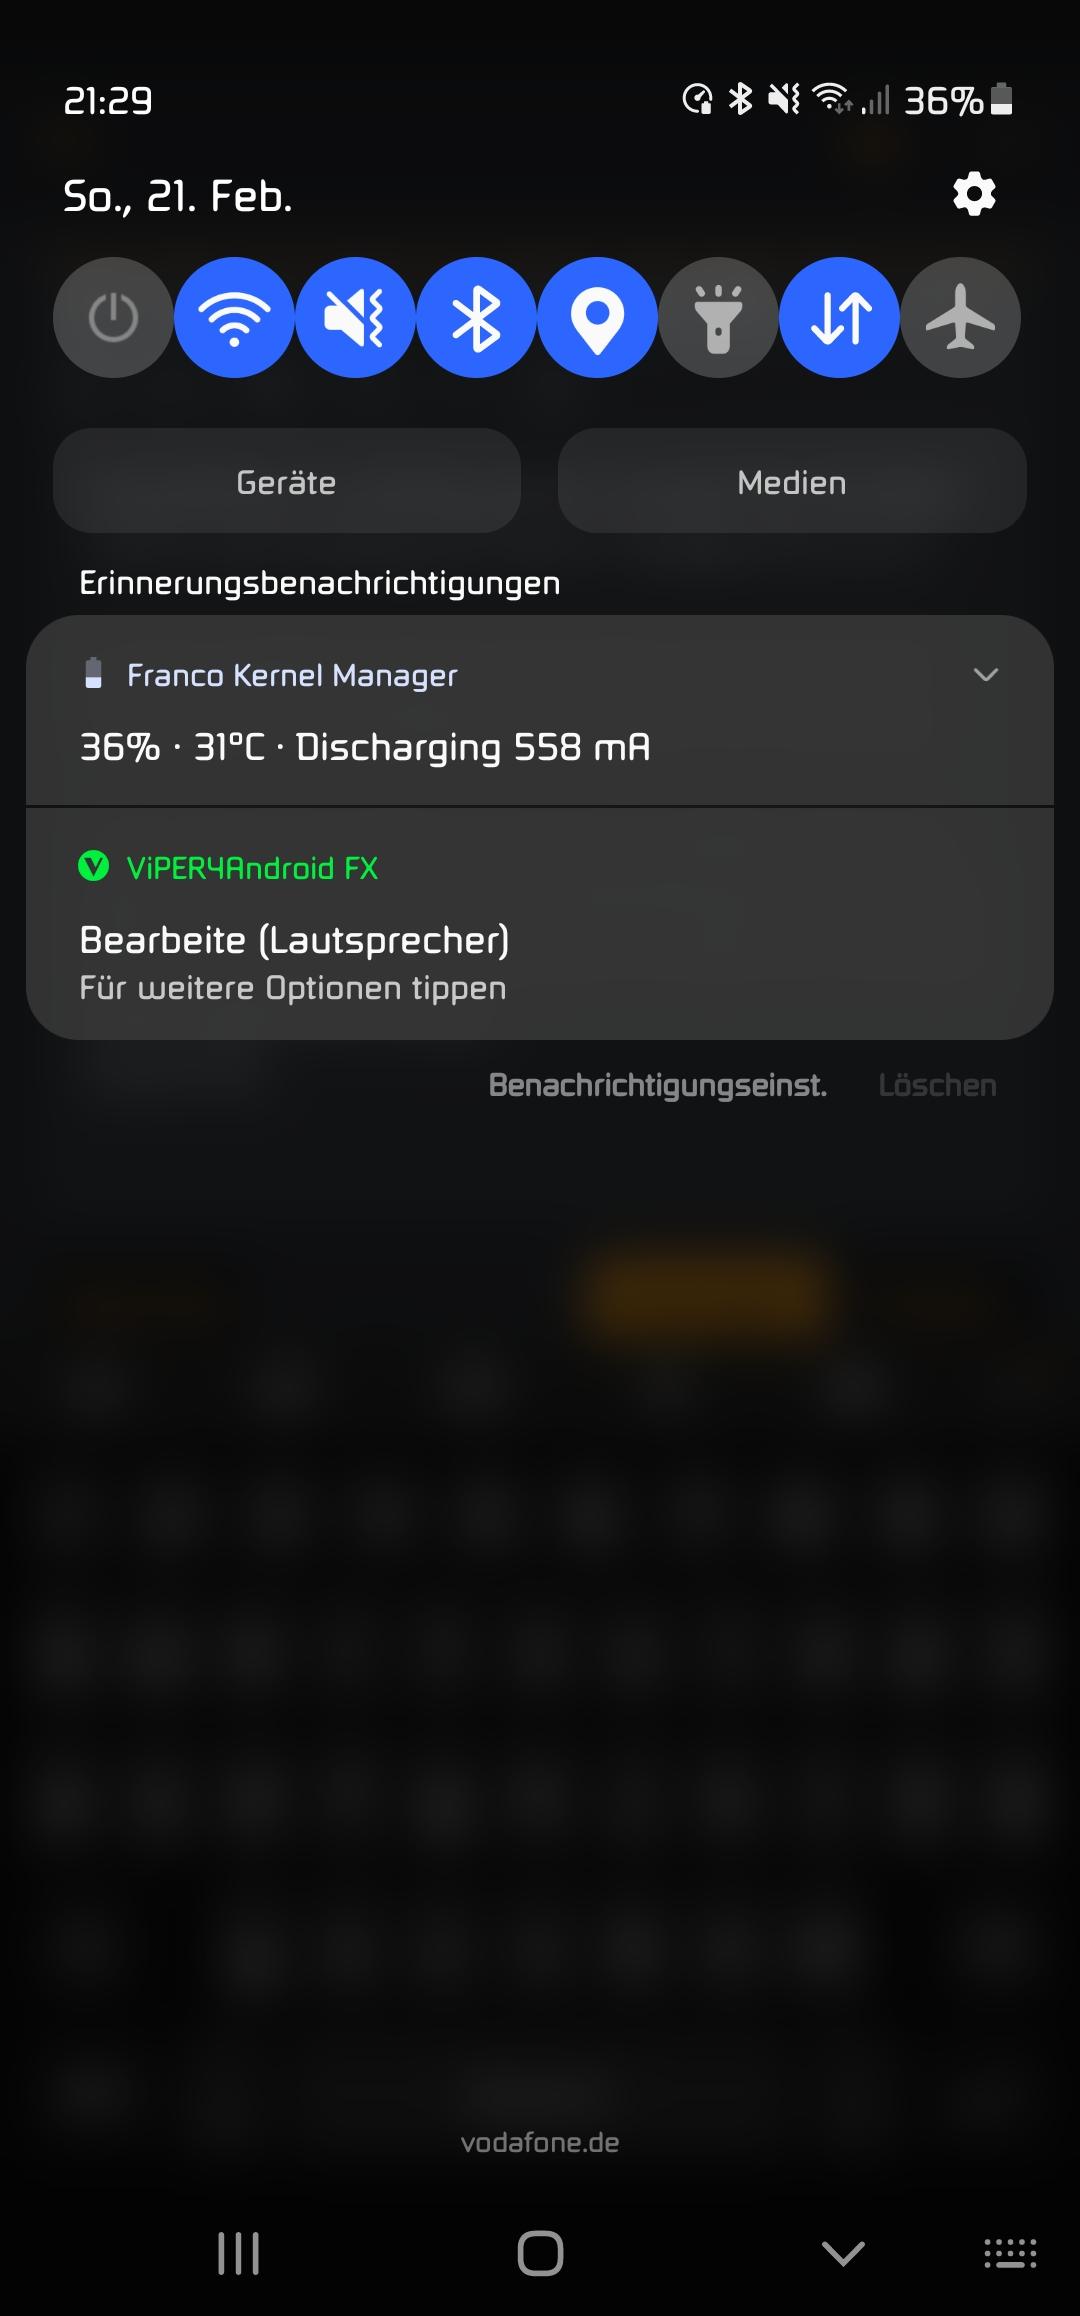 Screenshot_20210221-212955_XDA Developers.jpg